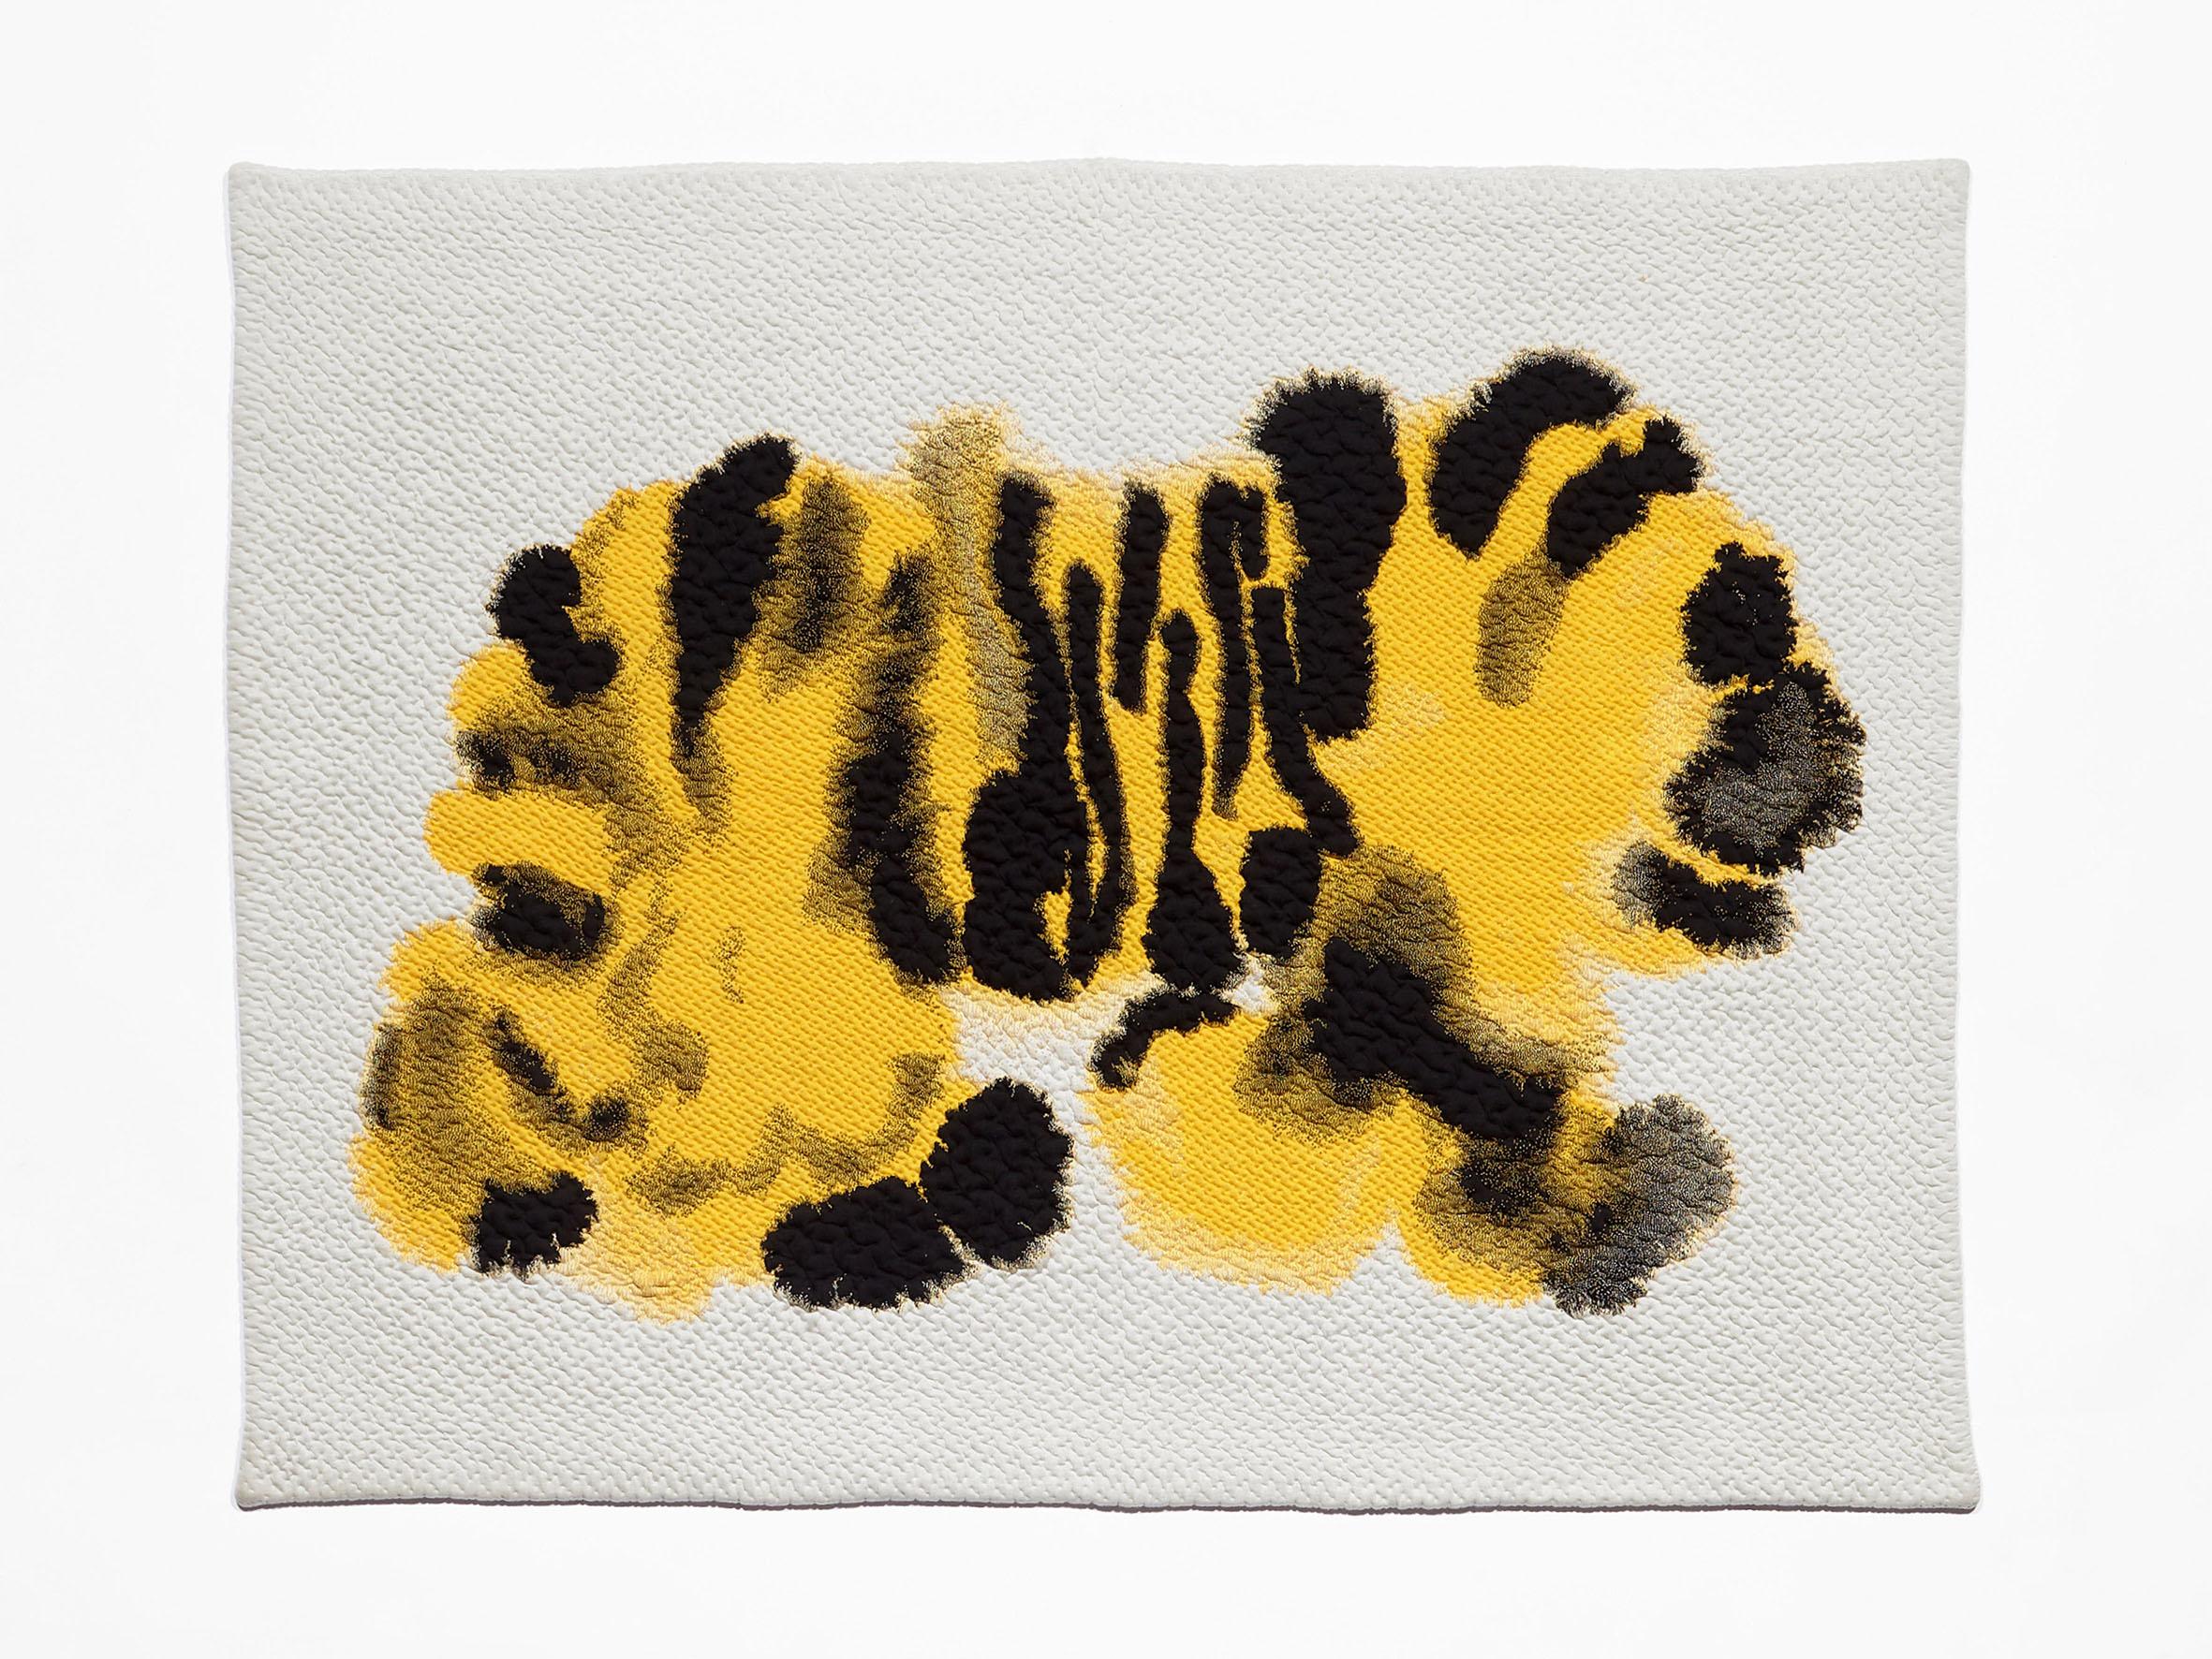 Speels vloerkleed met wilde dieren van grafisch ontwerper Rop van Mierlo